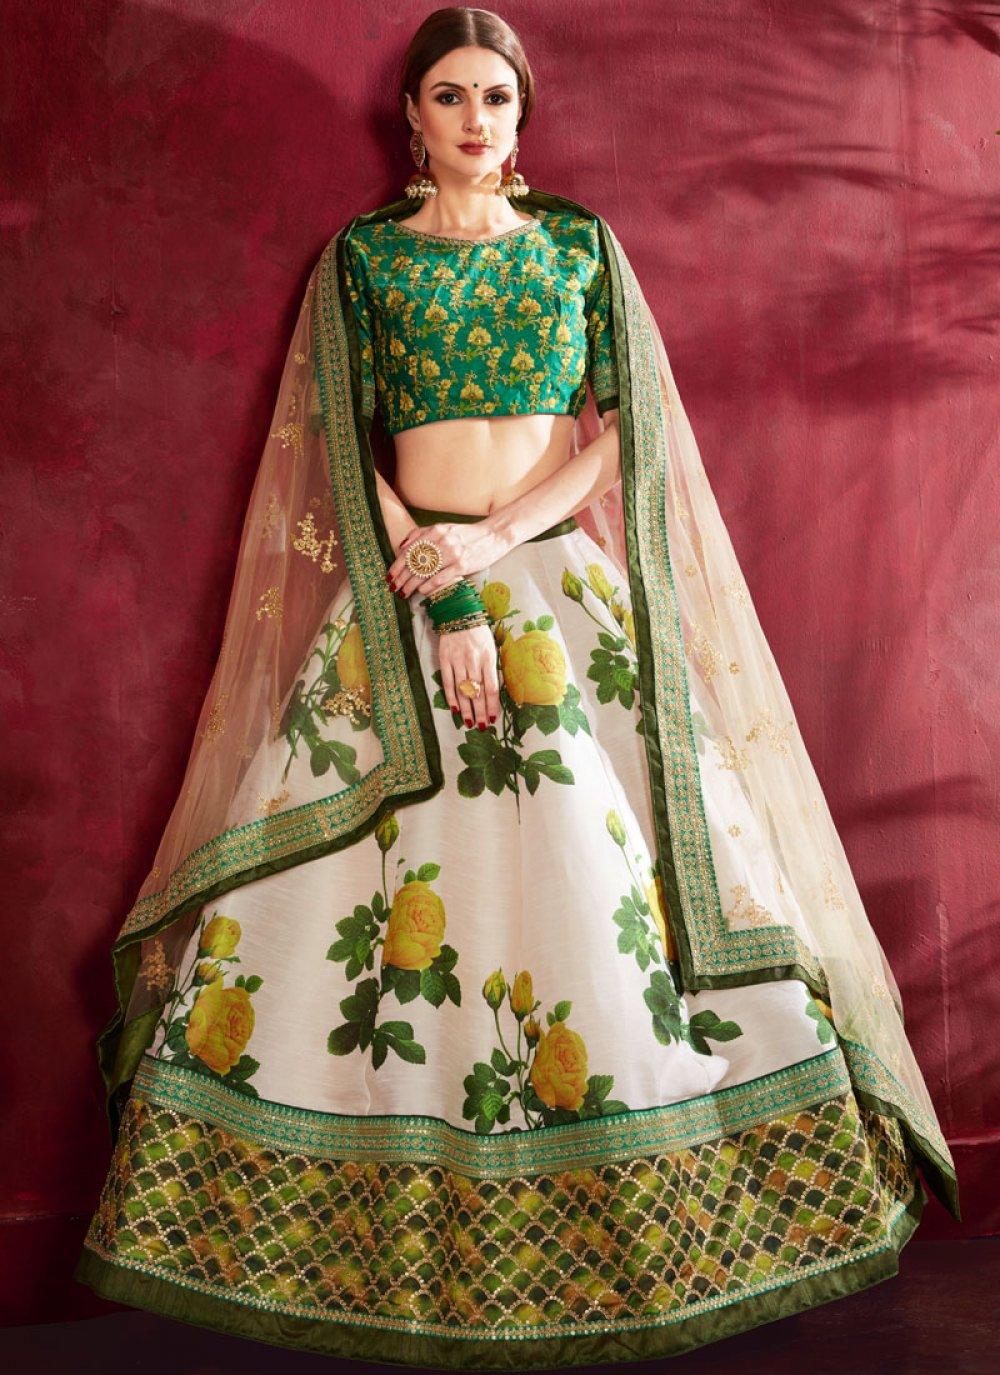 Lehenga Choli Floral Print Banglori Silk in Cream